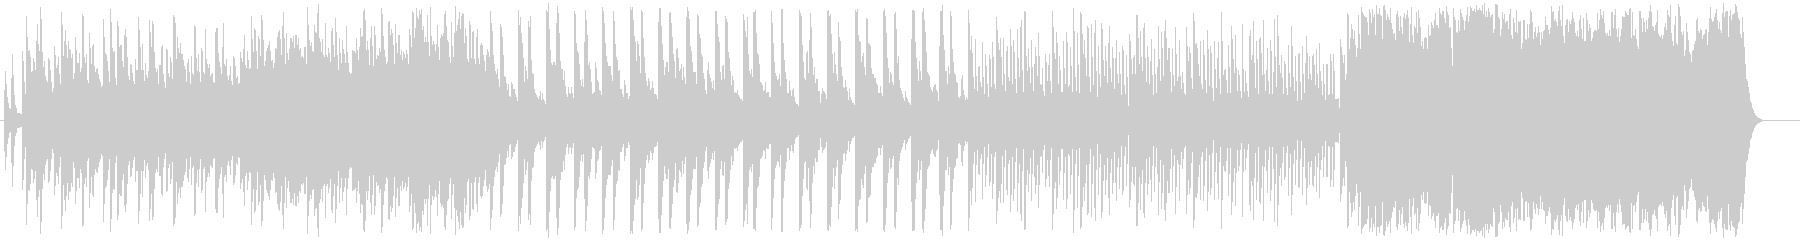 感動のエンディングを迎えるピアノバラードの未再生の波形